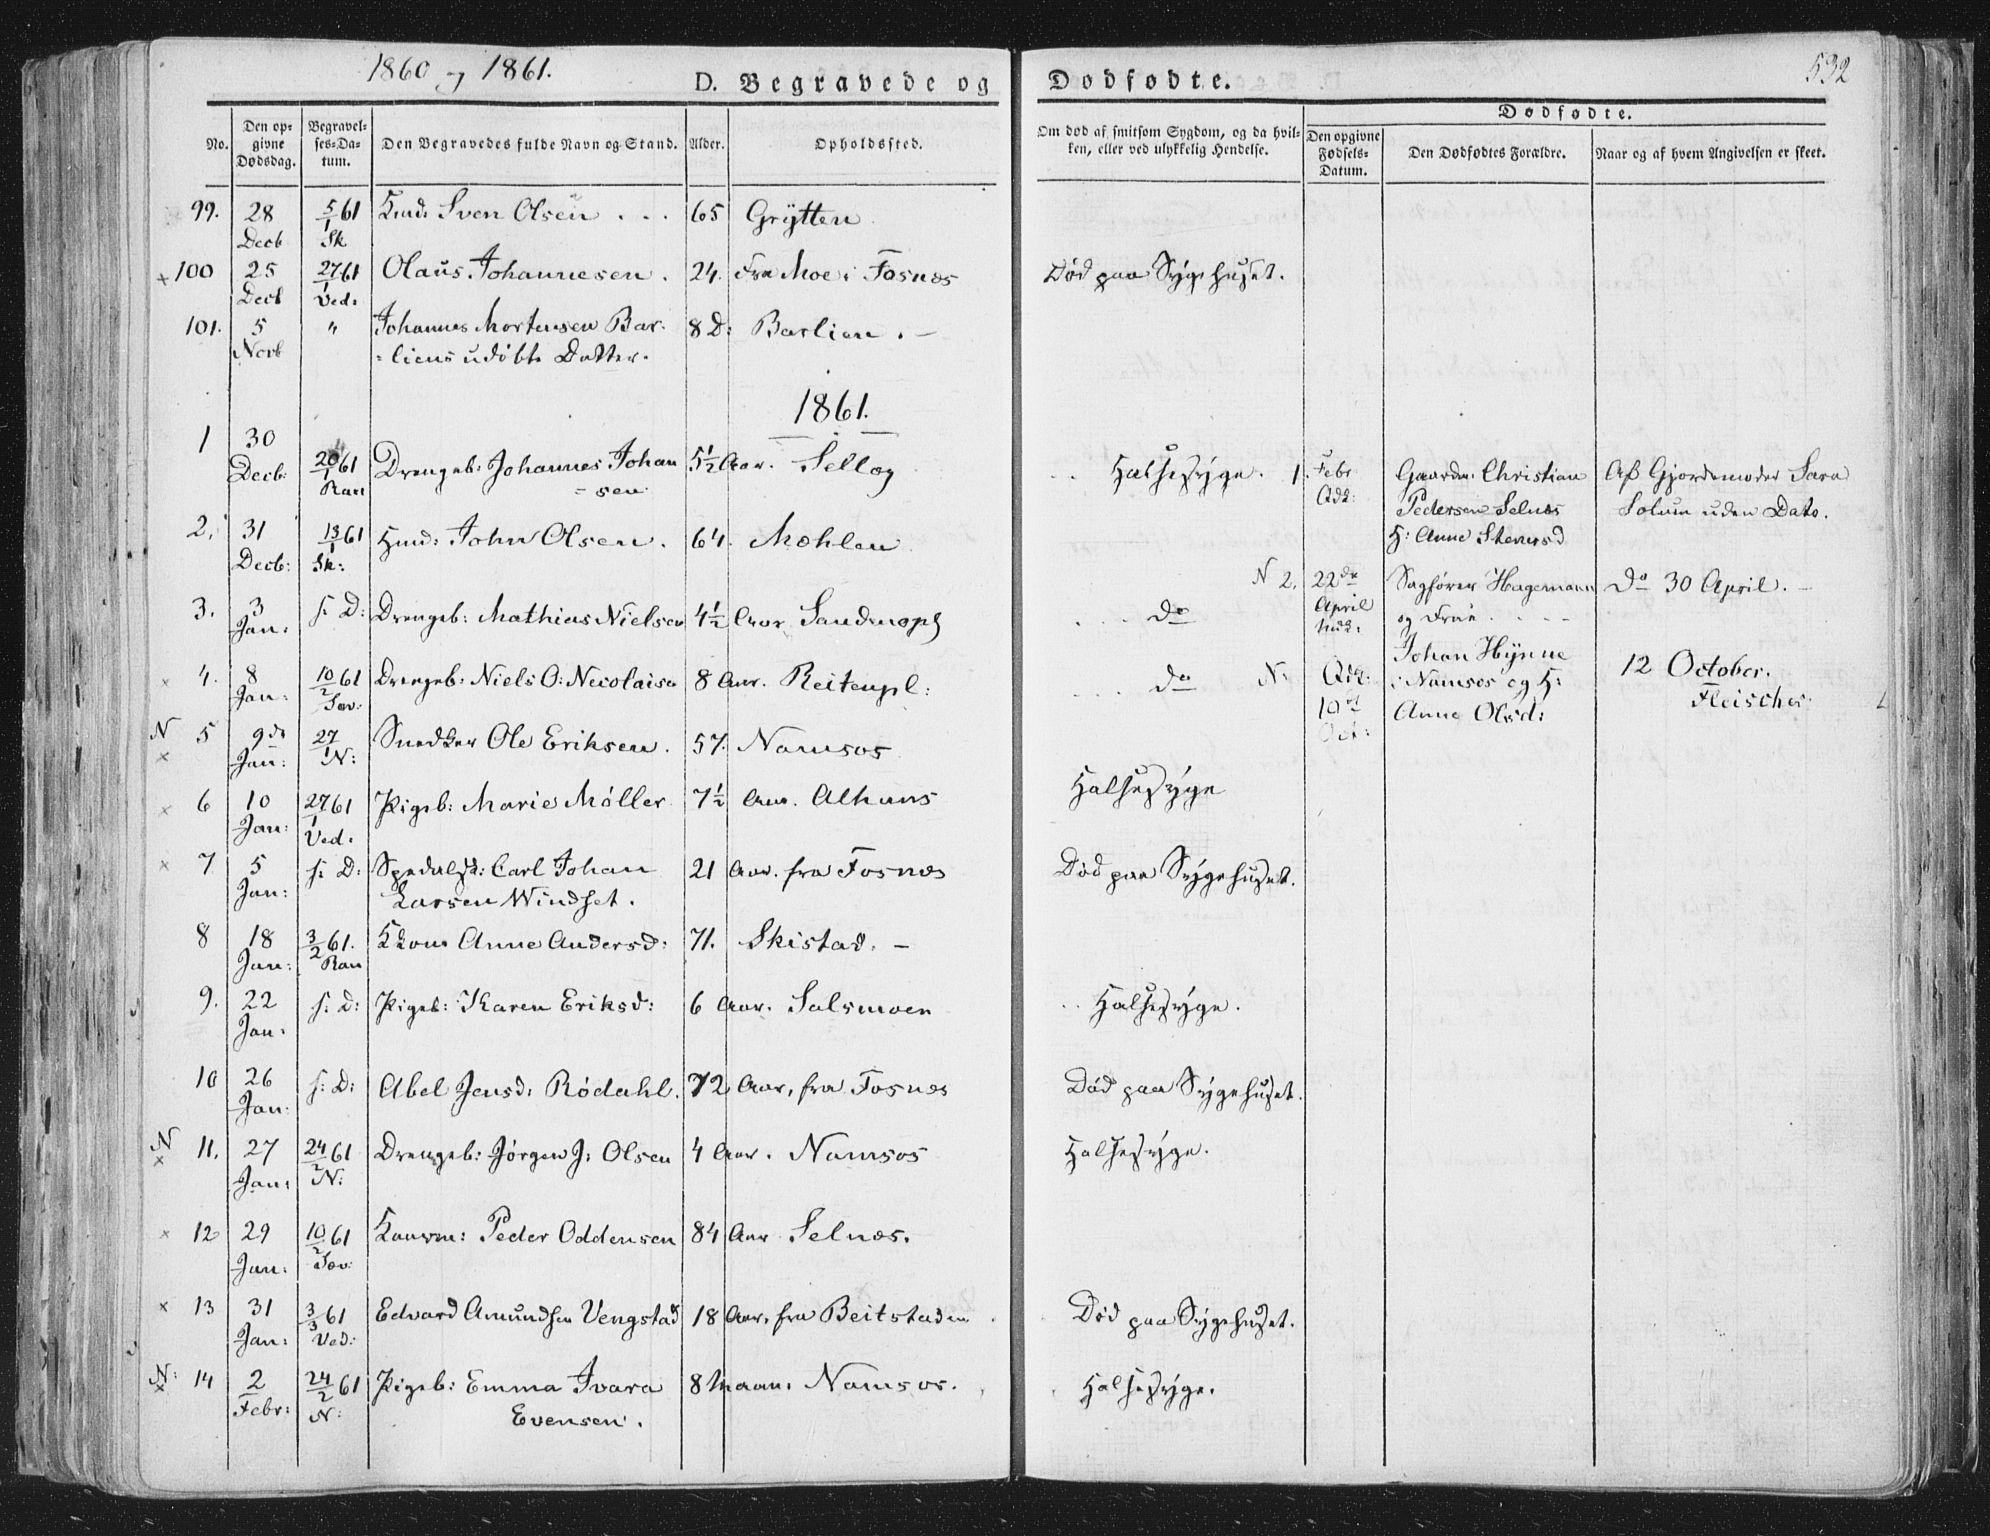 SAT, Ministerialprotokoller, klokkerbøker og fødselsregistre - Nord-Trøndelag, 764/L0552: Ministerialbok nr. 764A07b, 1824-1865, s. 532